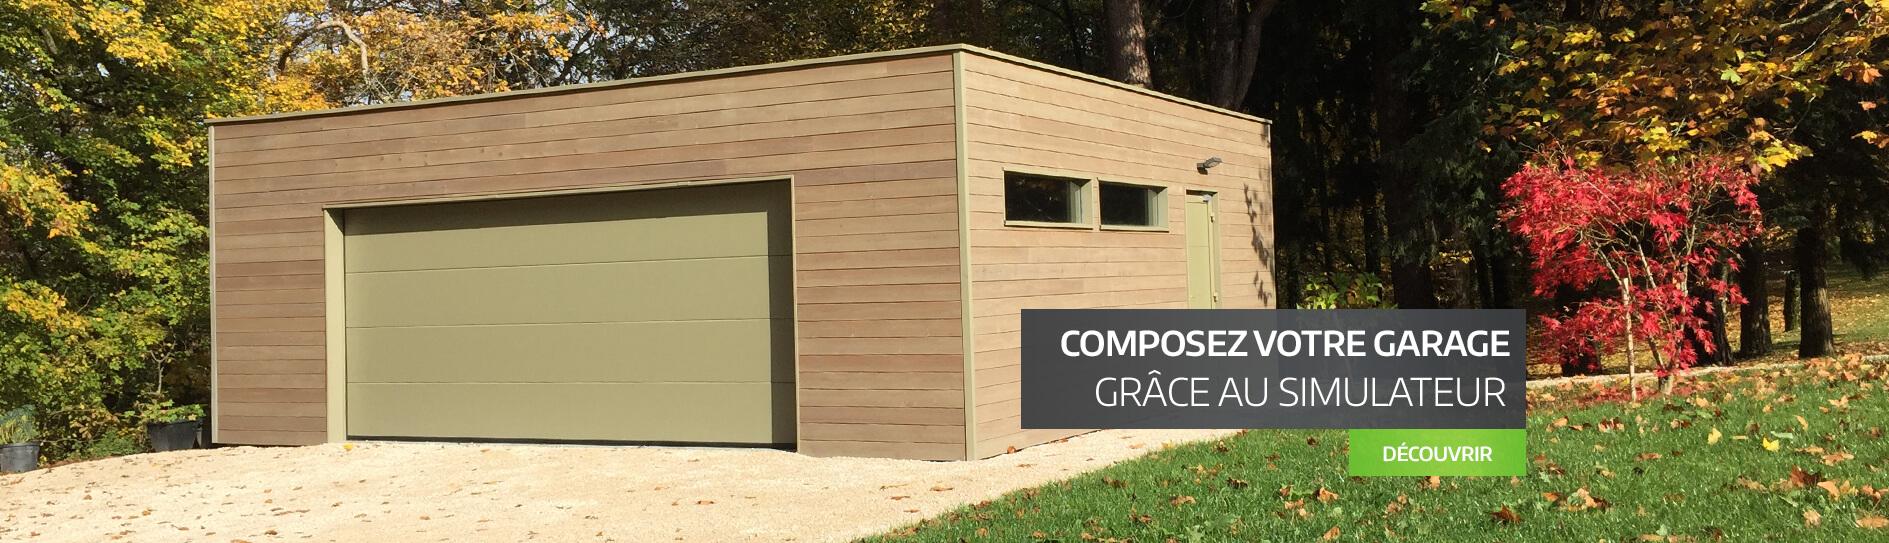 maison 60m2 maison m avec pices with maison 60m2 beautiful les minutias village salon maison m. Black Bedroom Furniture Sets. Home Design Ideas